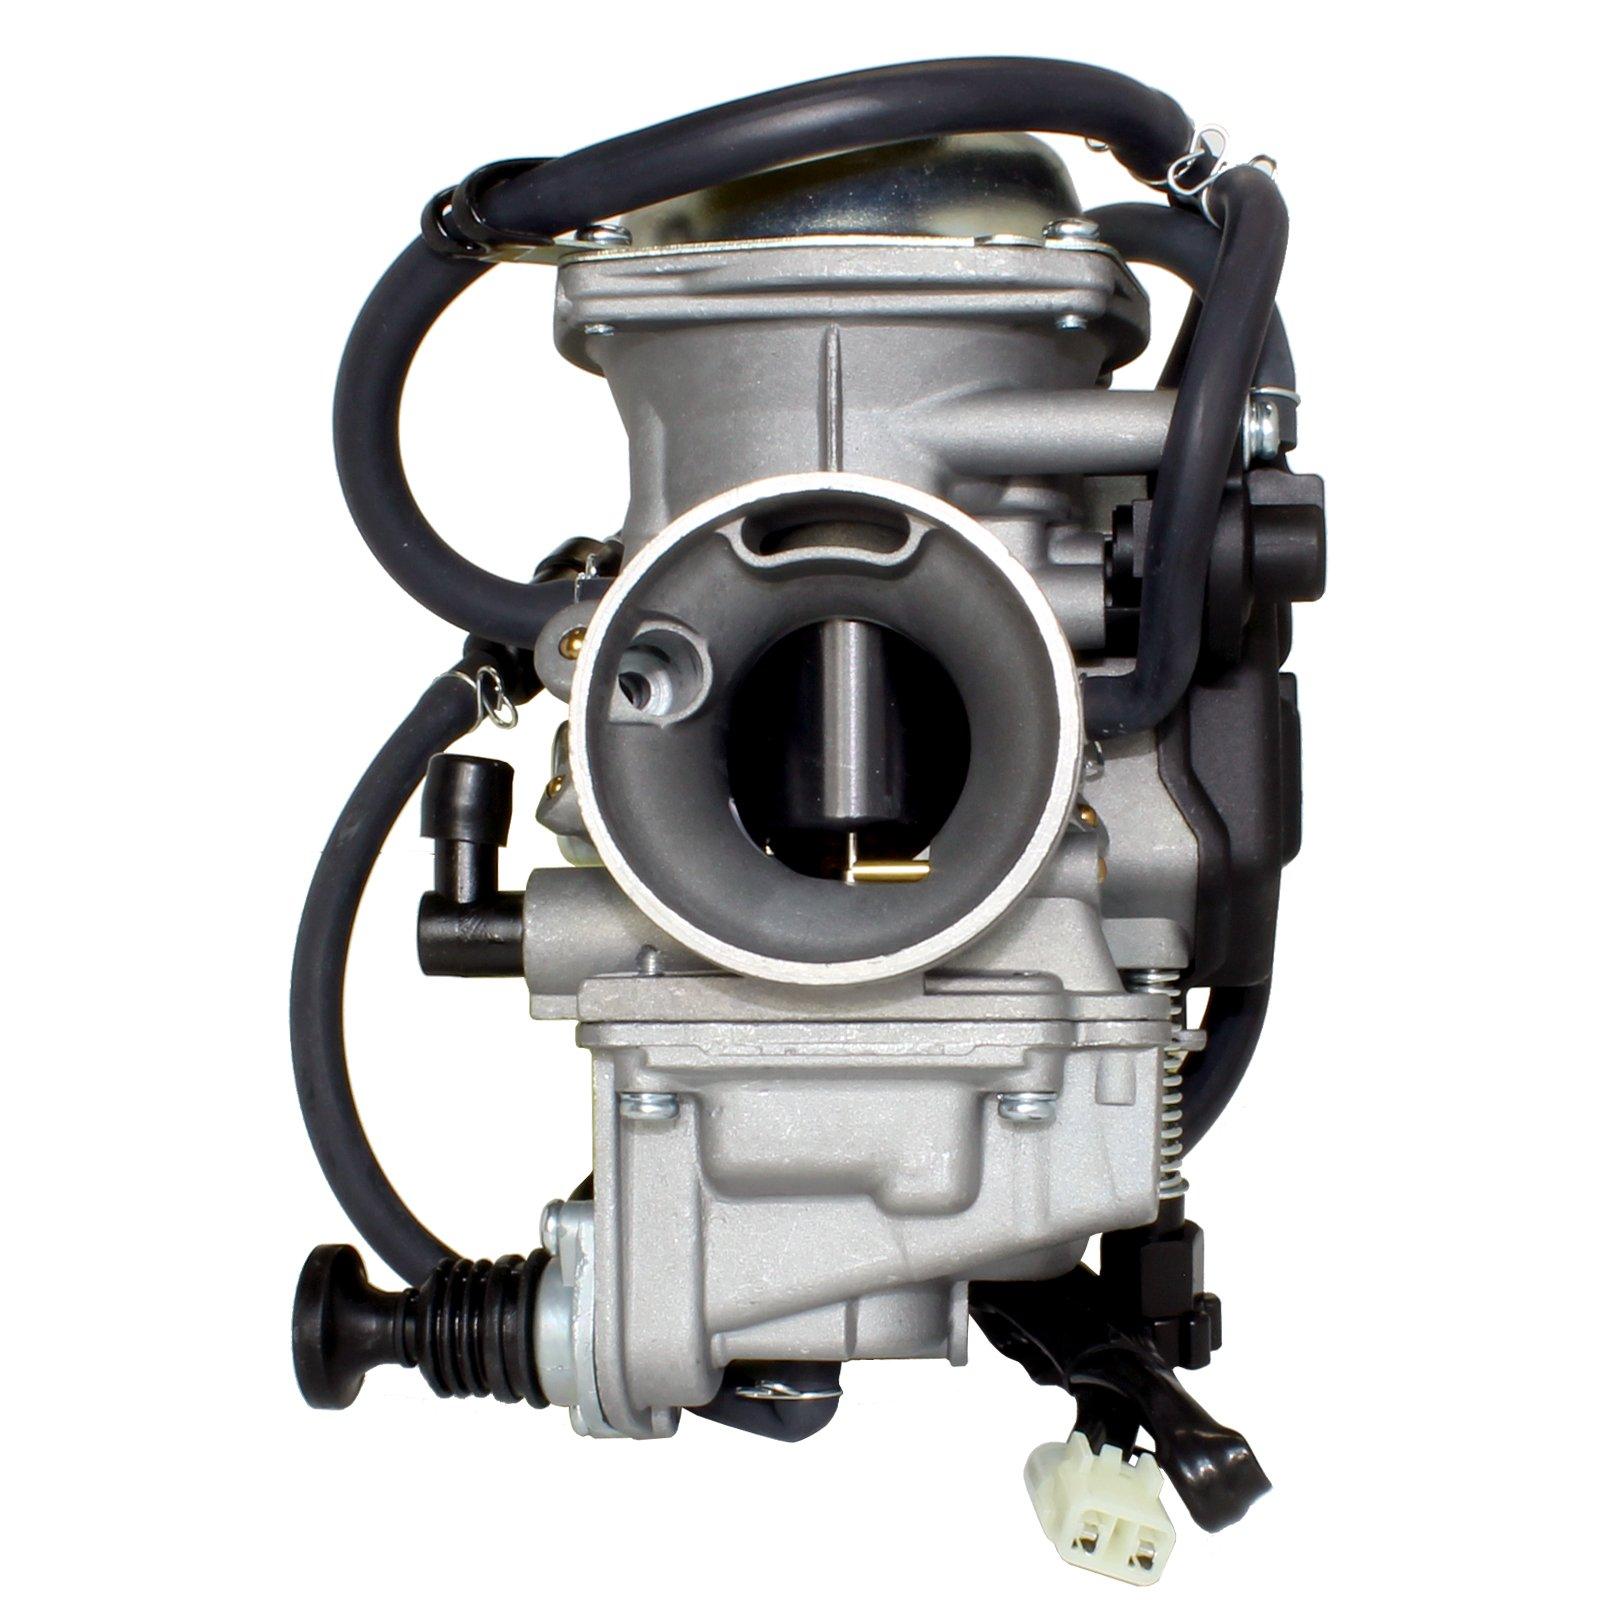 Caltric Carburetor Fits Honda 350 Rancher TRX350FE TRX350FM 2000-2003 New Carb by Caltric (Image #3)